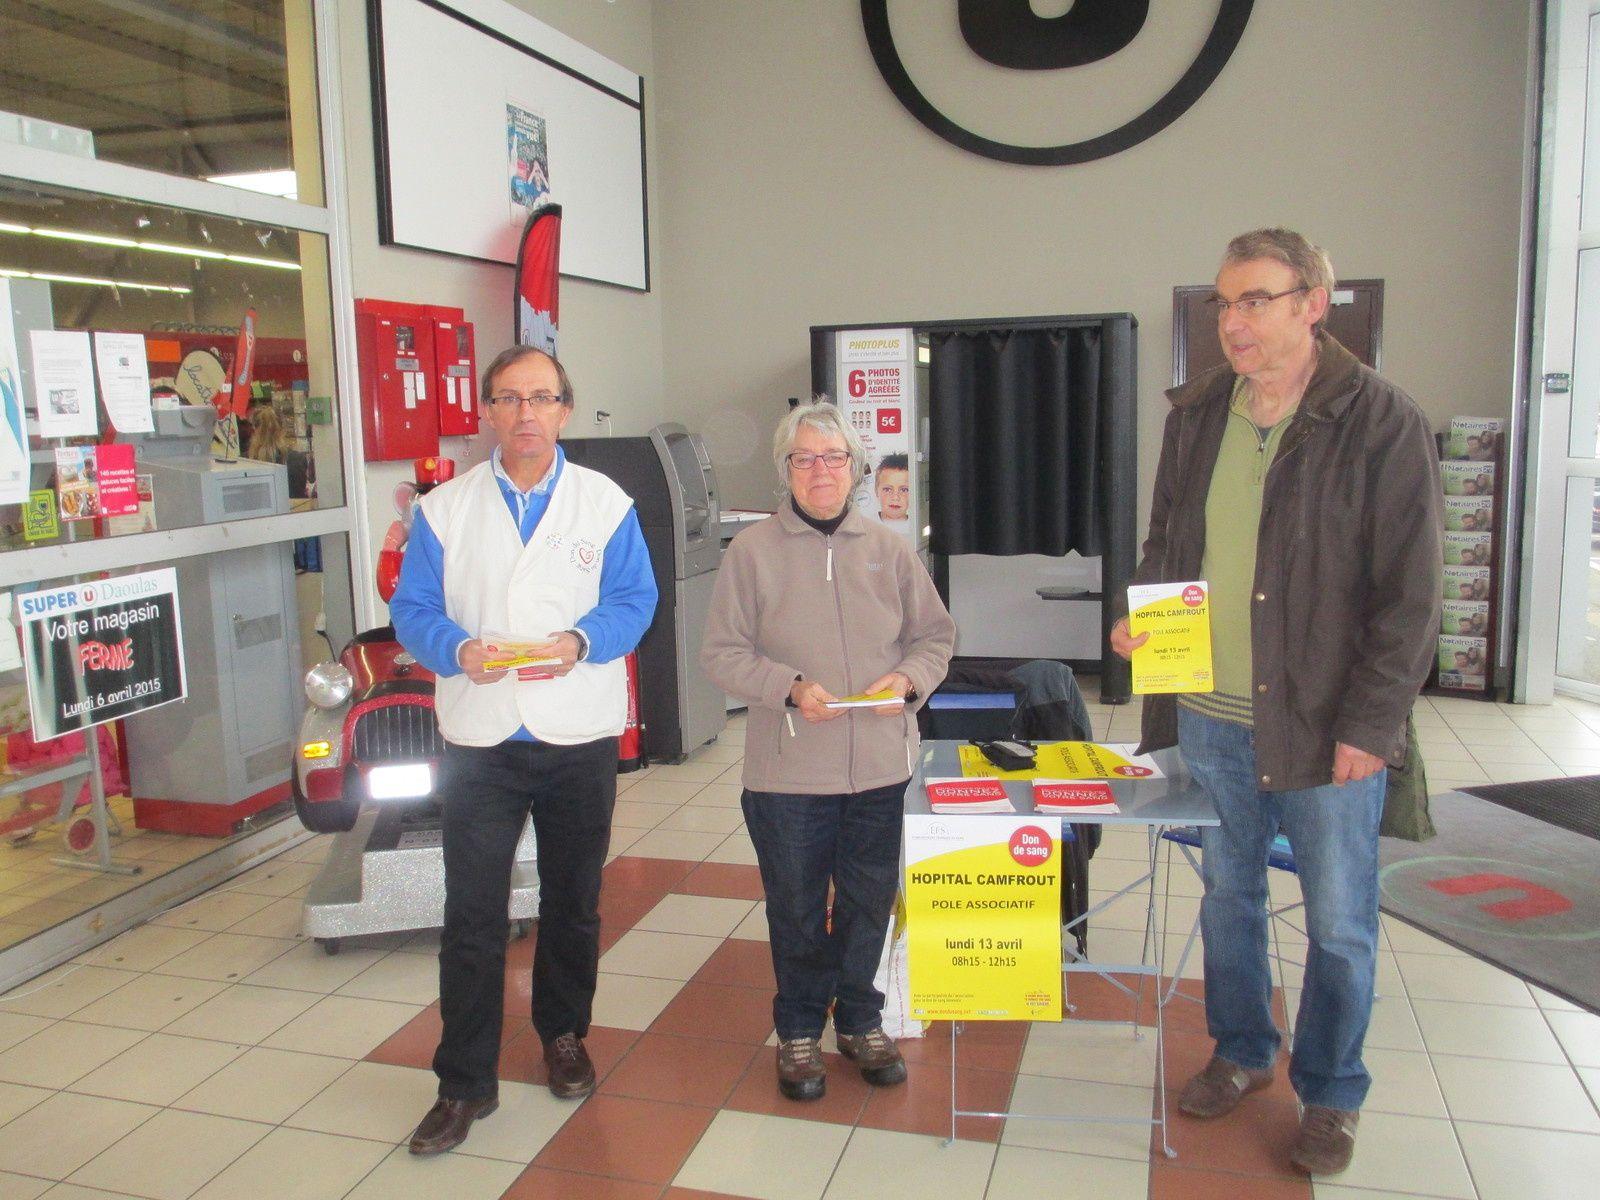 Marie LOYER-ROLLAND, Jean-Charles TREDUNIT et Bernard LE LOUS dans l'entrée du SUPER U